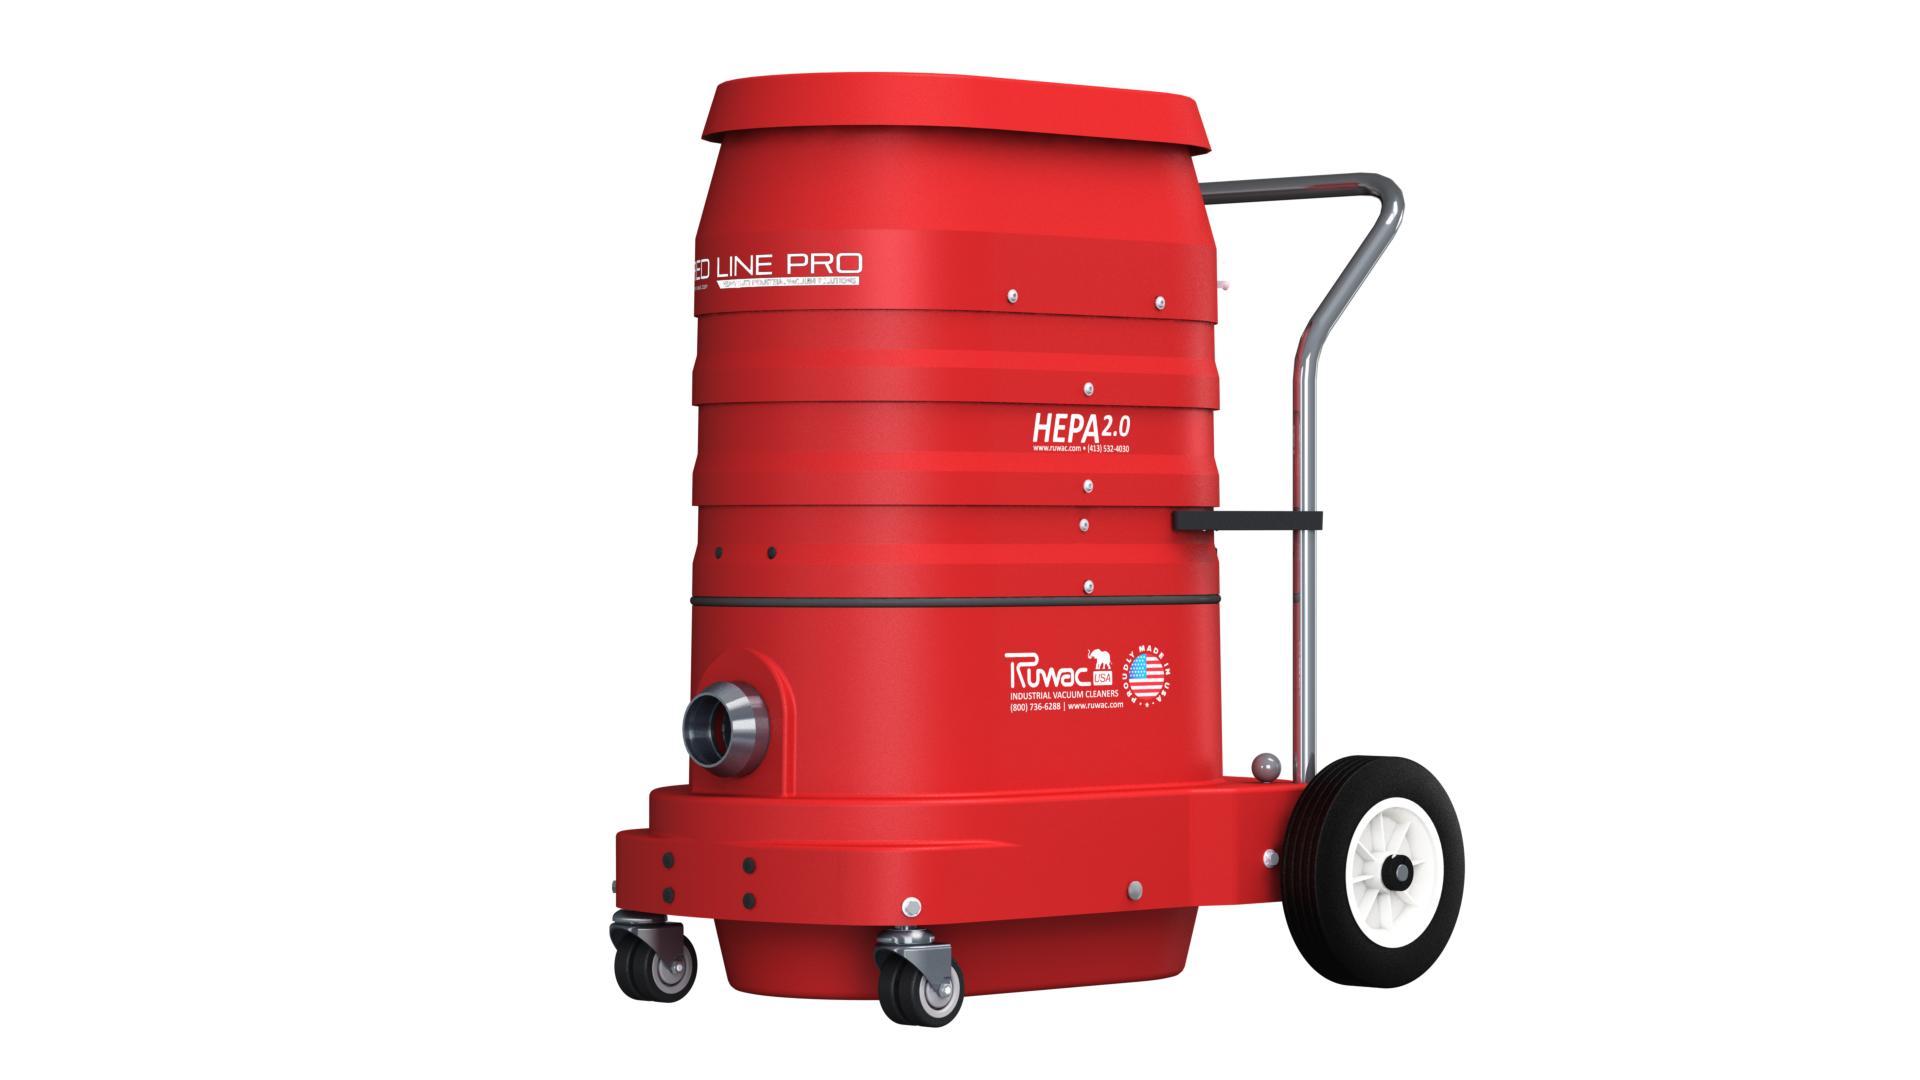 Red Raider Pro 288 Cfm Ruwac Usa